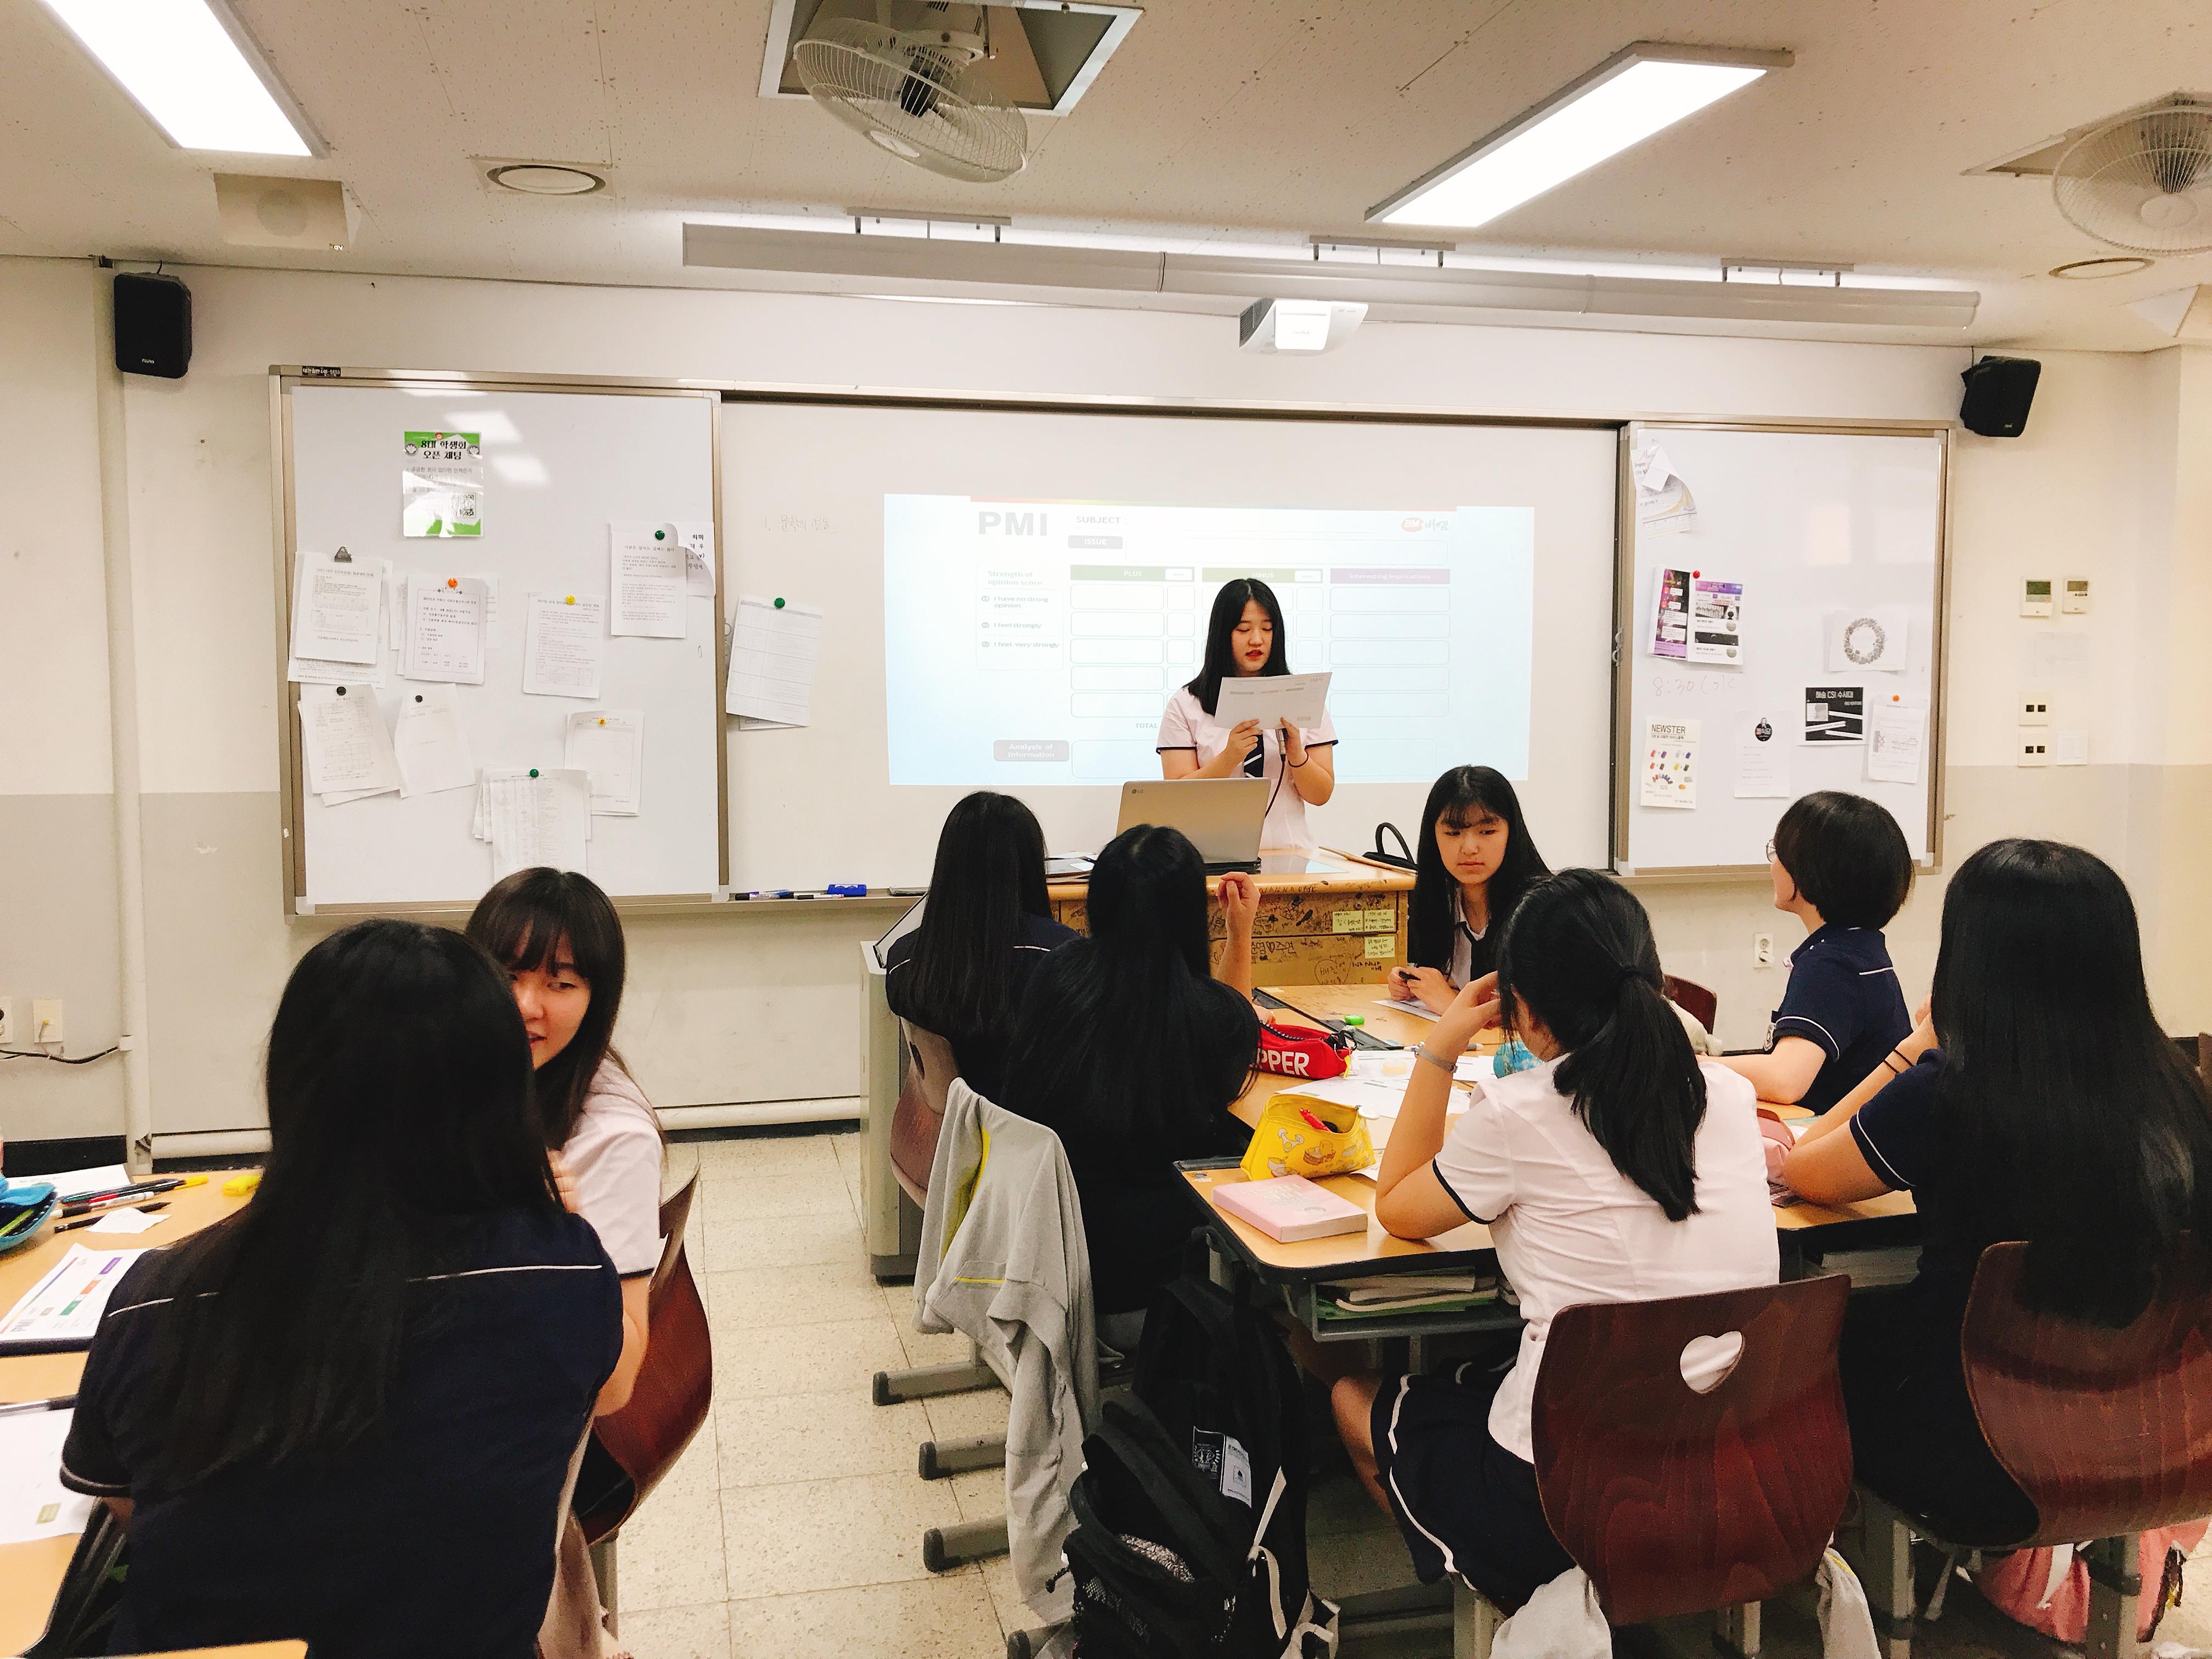 2017 08 25 해송고 수업2일차 사진01